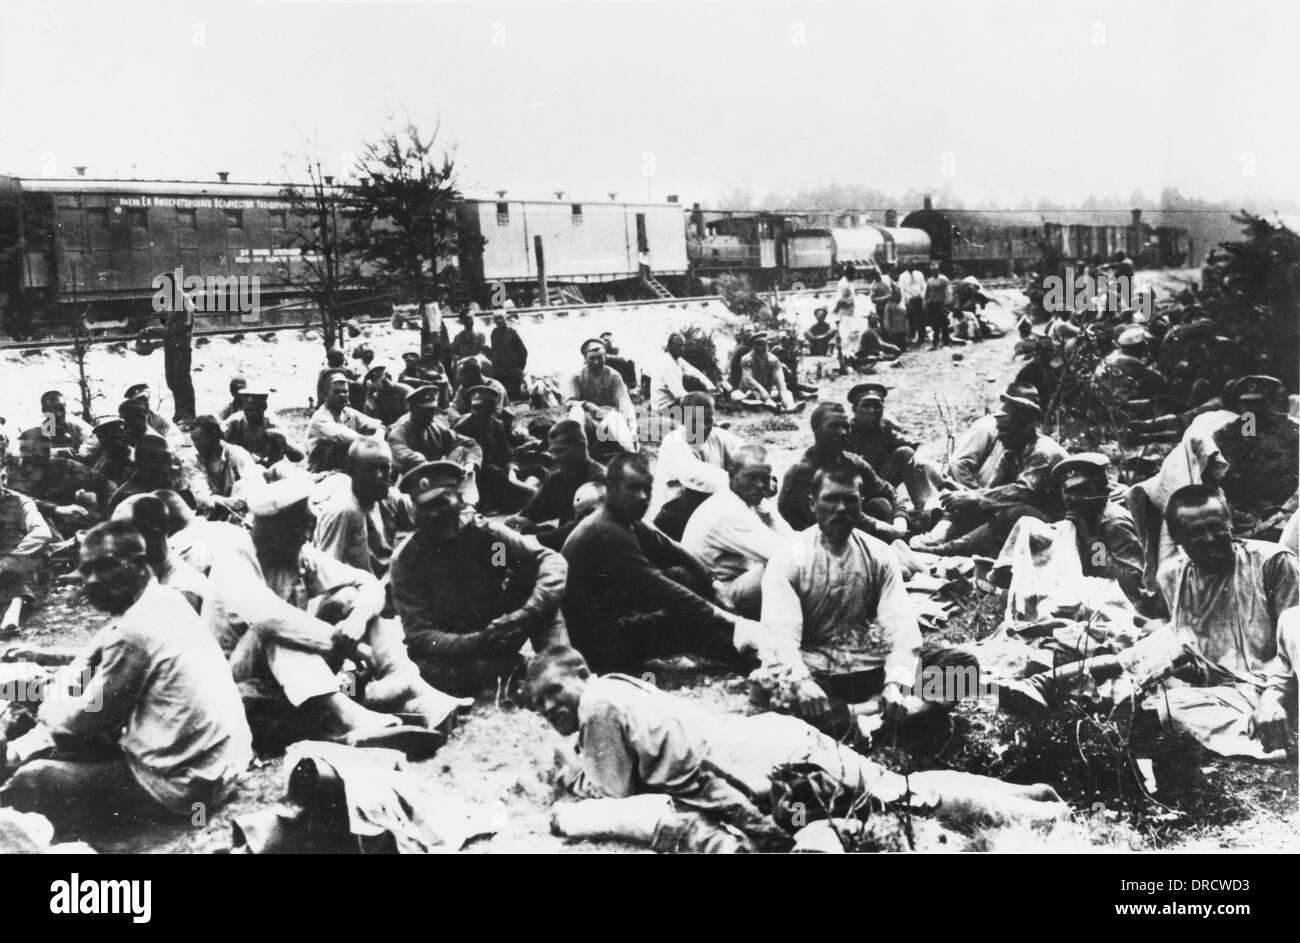 World War One Russian bath train - Stock Image